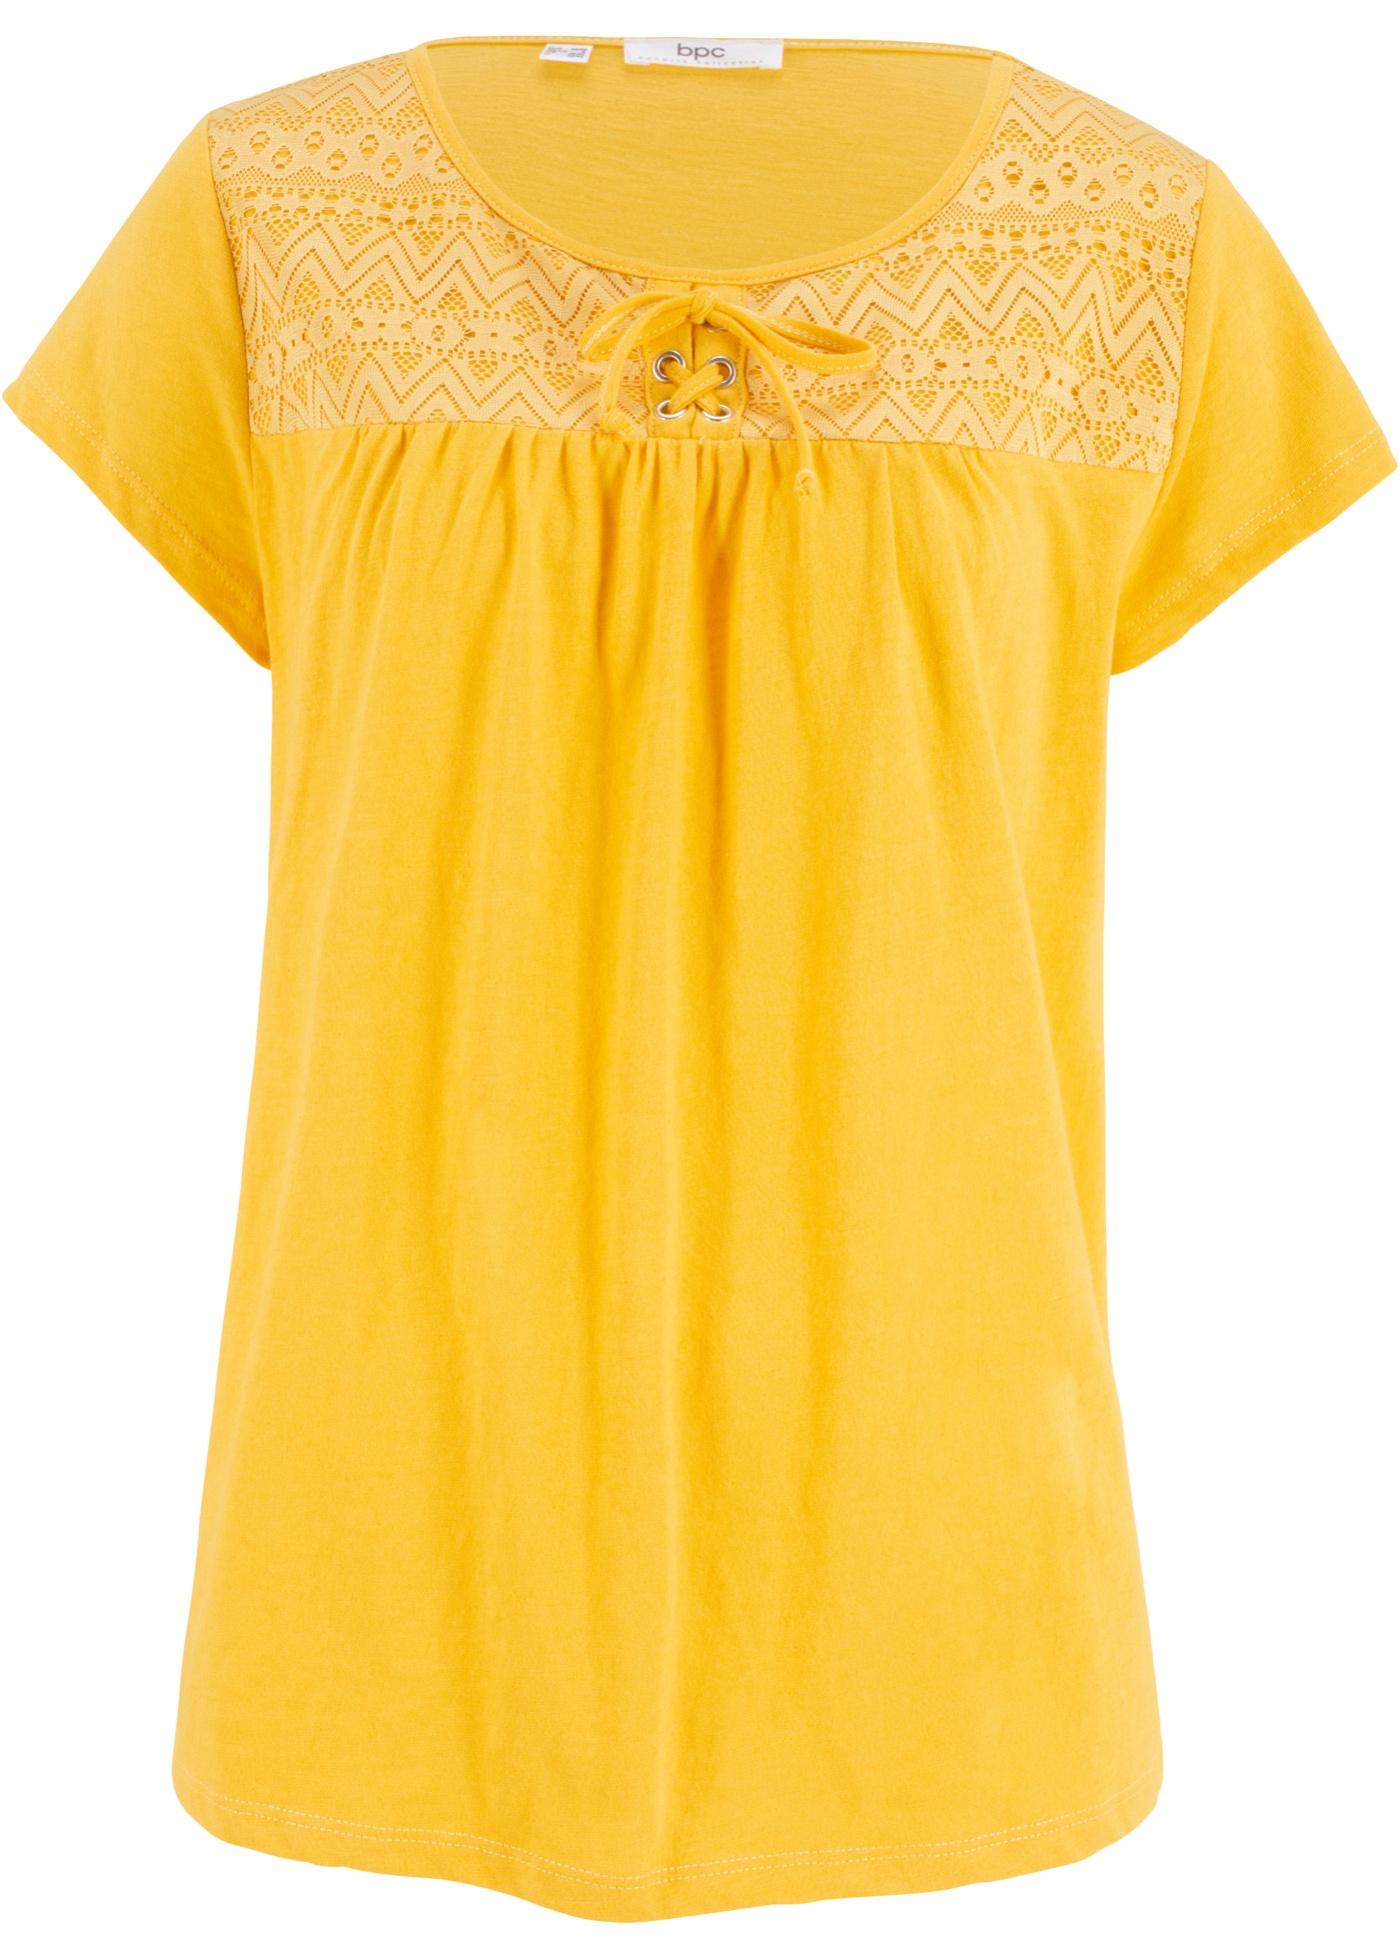 Coton Manches CollectionT Courtes En Flammé Fil Laçage Bonprix Femme Avec shirt Bpc Jaune Pour nm8vN0w